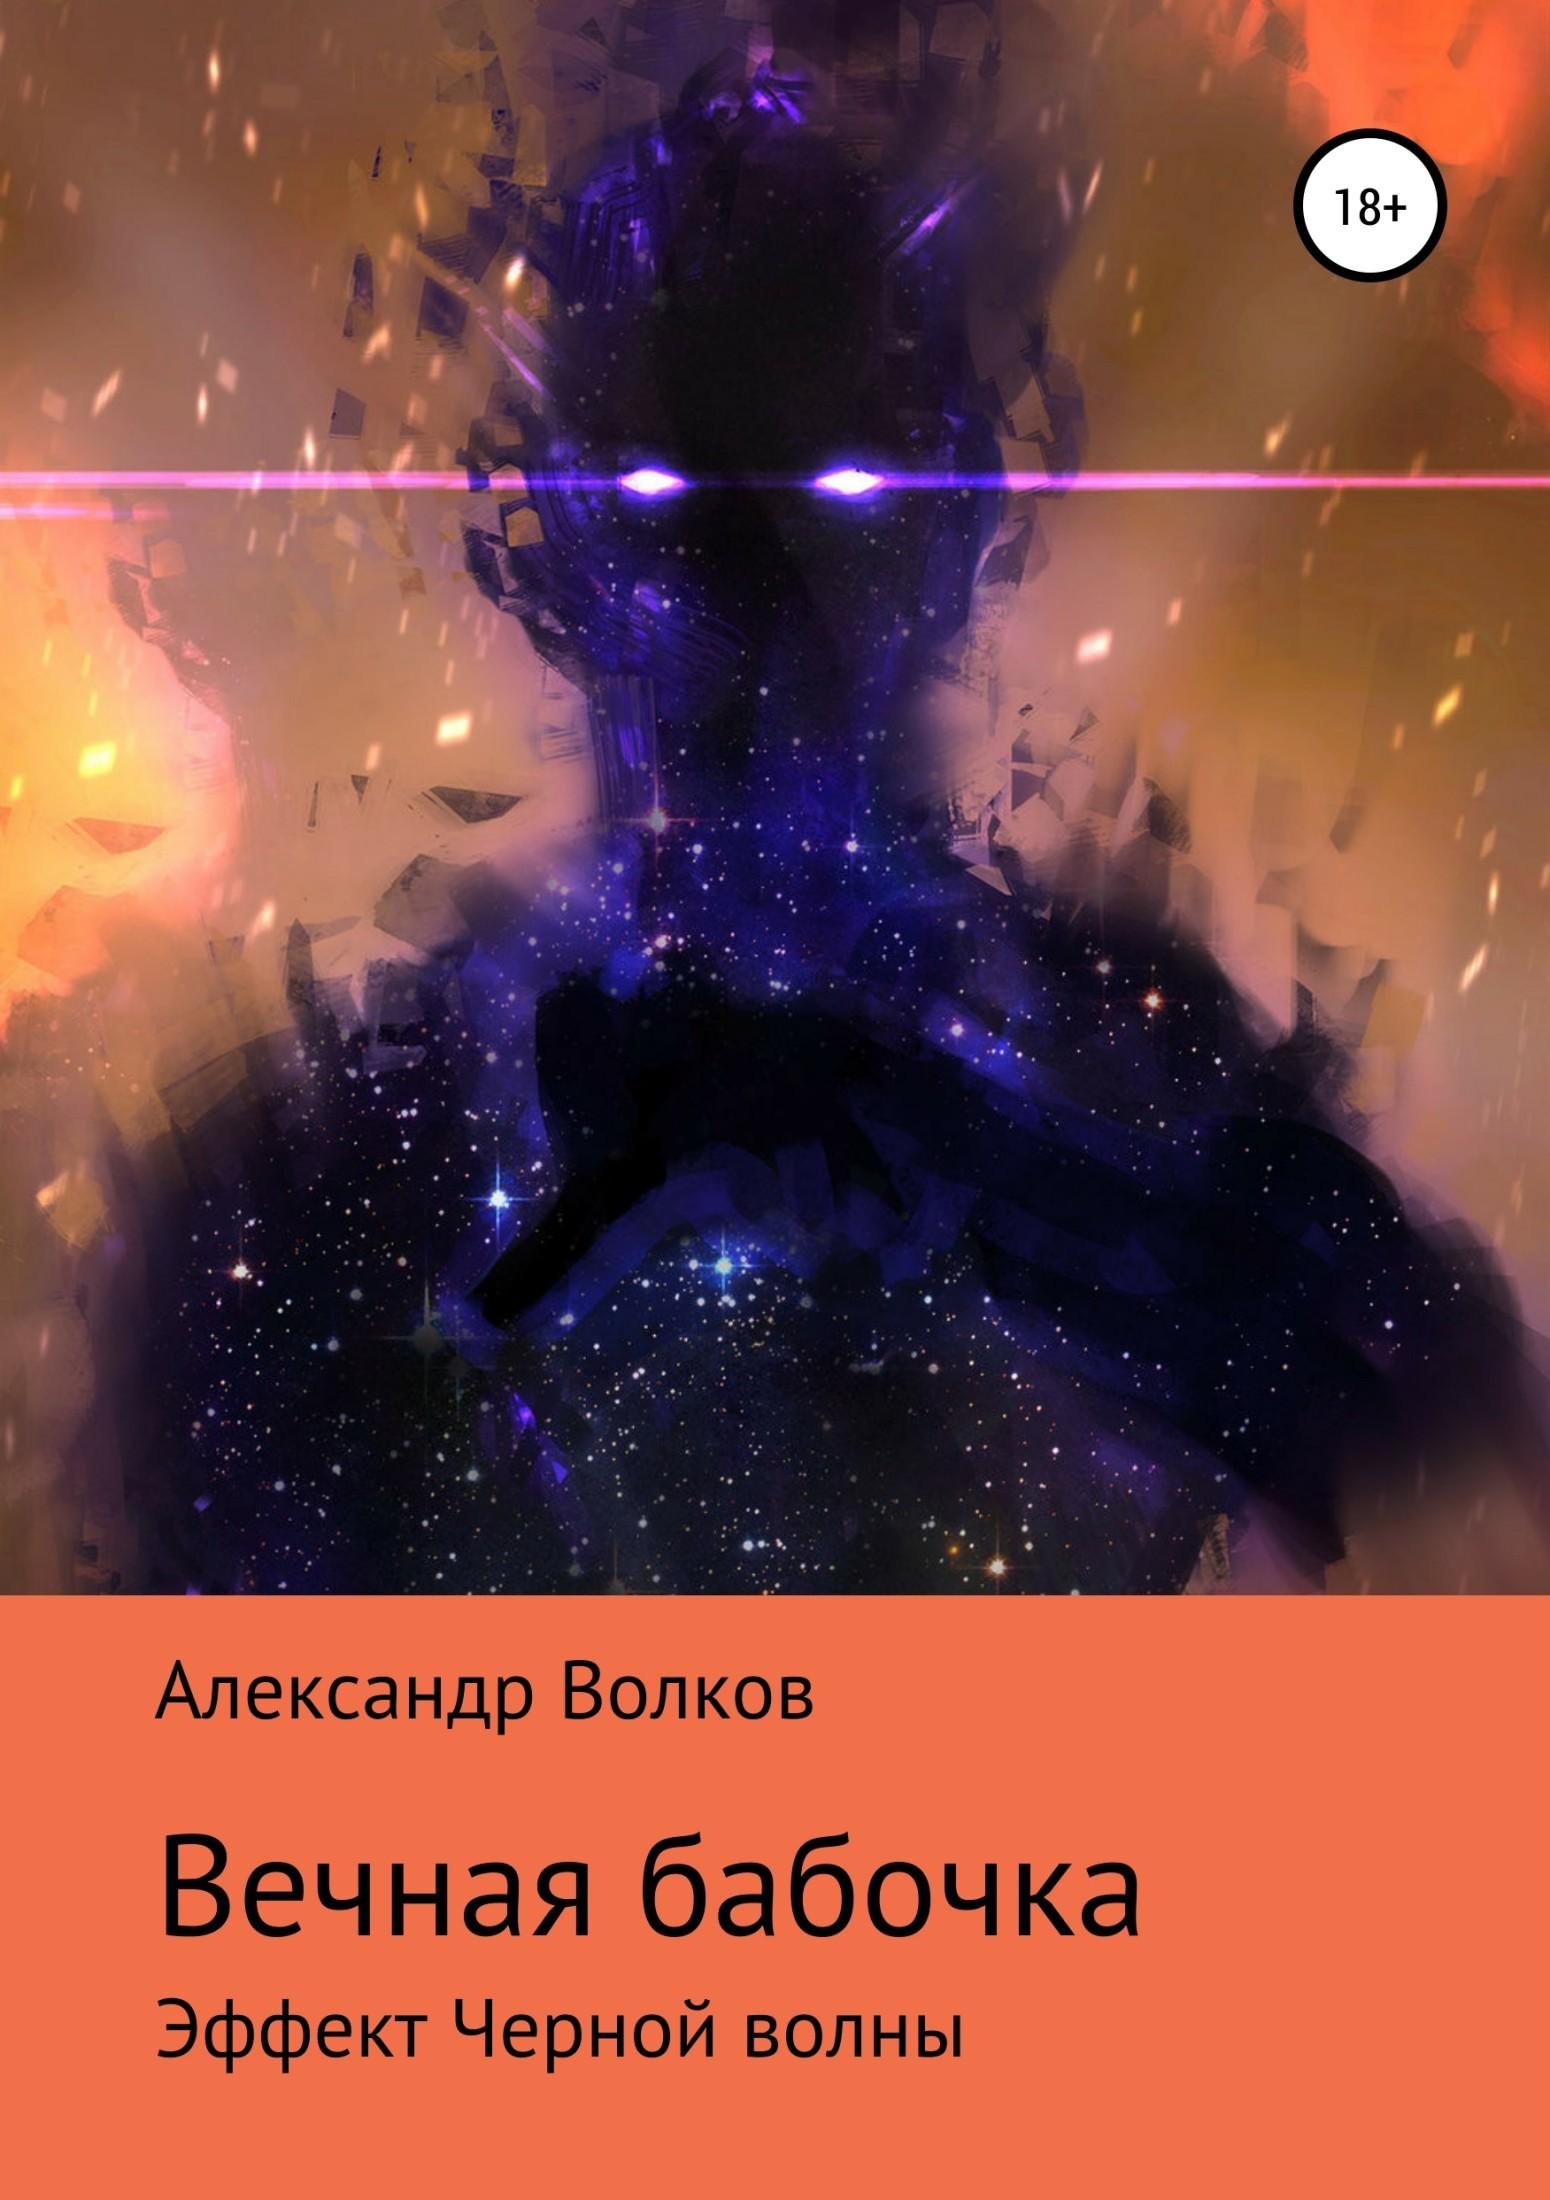 Александр Волков - Вечная бабочка. Эффект Черной волны